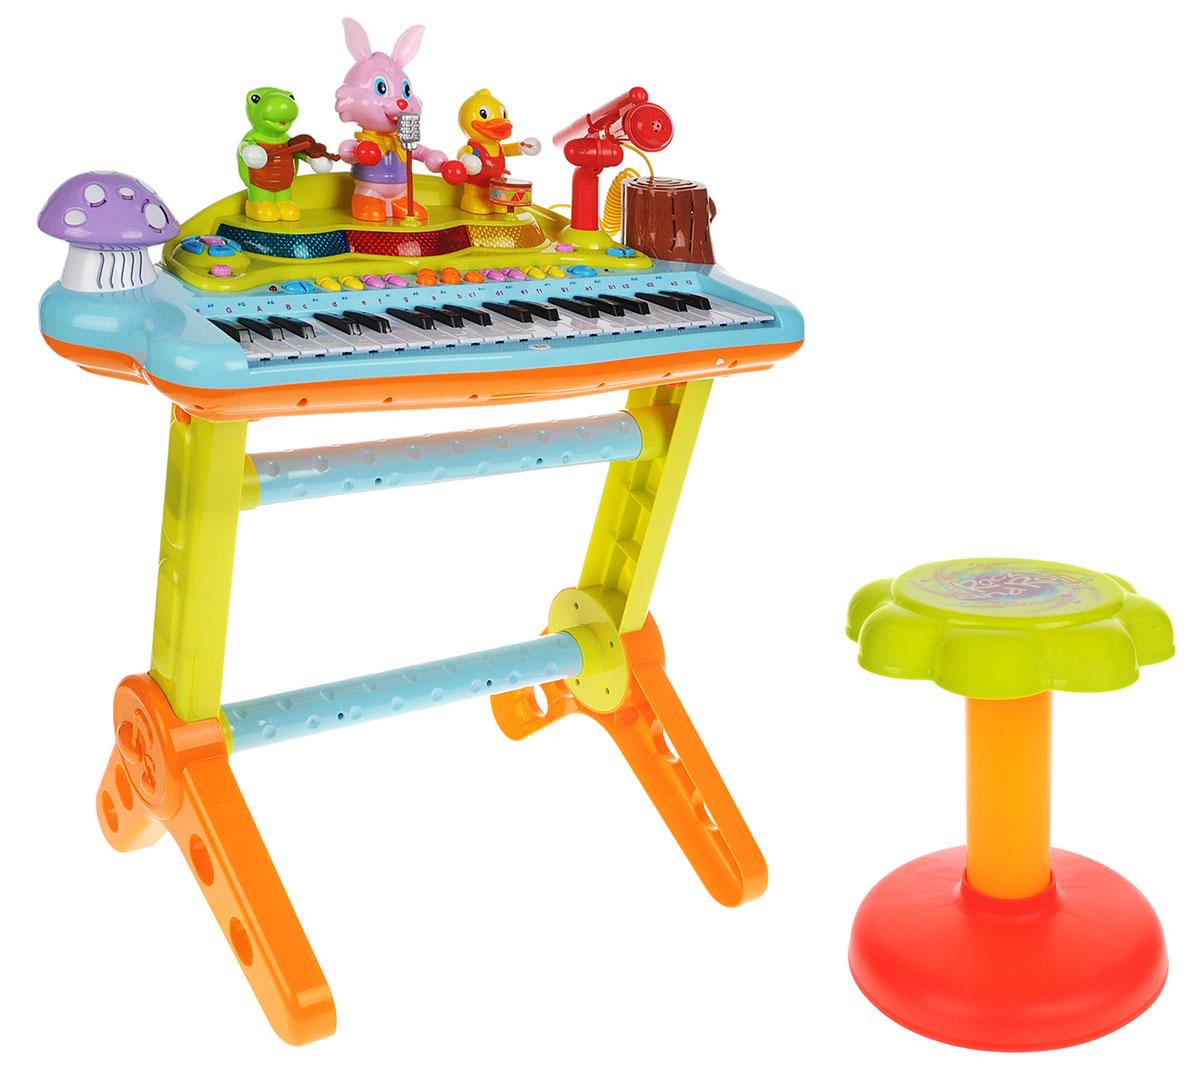 Huile Toys Развивающая игрушка Электронное пианино669Развивающая игрушка Huile Toys Электронное пианино - это многофункциональная игрушка, с помощью которой ребенок сможет развивать музыкальные способности. Пианино установлено на стойку, в комплекте также имеется стульчик. С помощью микрофона под аккомпанемент веселого ансамбля лесных друзей ваш малыш сможет спеть и записать свой музыкальный шедевр. Игрушка оснащена двумя режимами проигрывания музыки, тремя режимами для обучения игре на пианино, а также имеются 8 различных музыкальных стилей и 22 песни на выбор. С помощью электронного пианино ребенок сможет развивать следующие навыки: цветовосприятие; восприятие звуков; мелкую моторику; координацию движений и музыкальный слух. Необходимо купить 4 батарейки напряжением 1,5V типа АА (не входят в комплект).